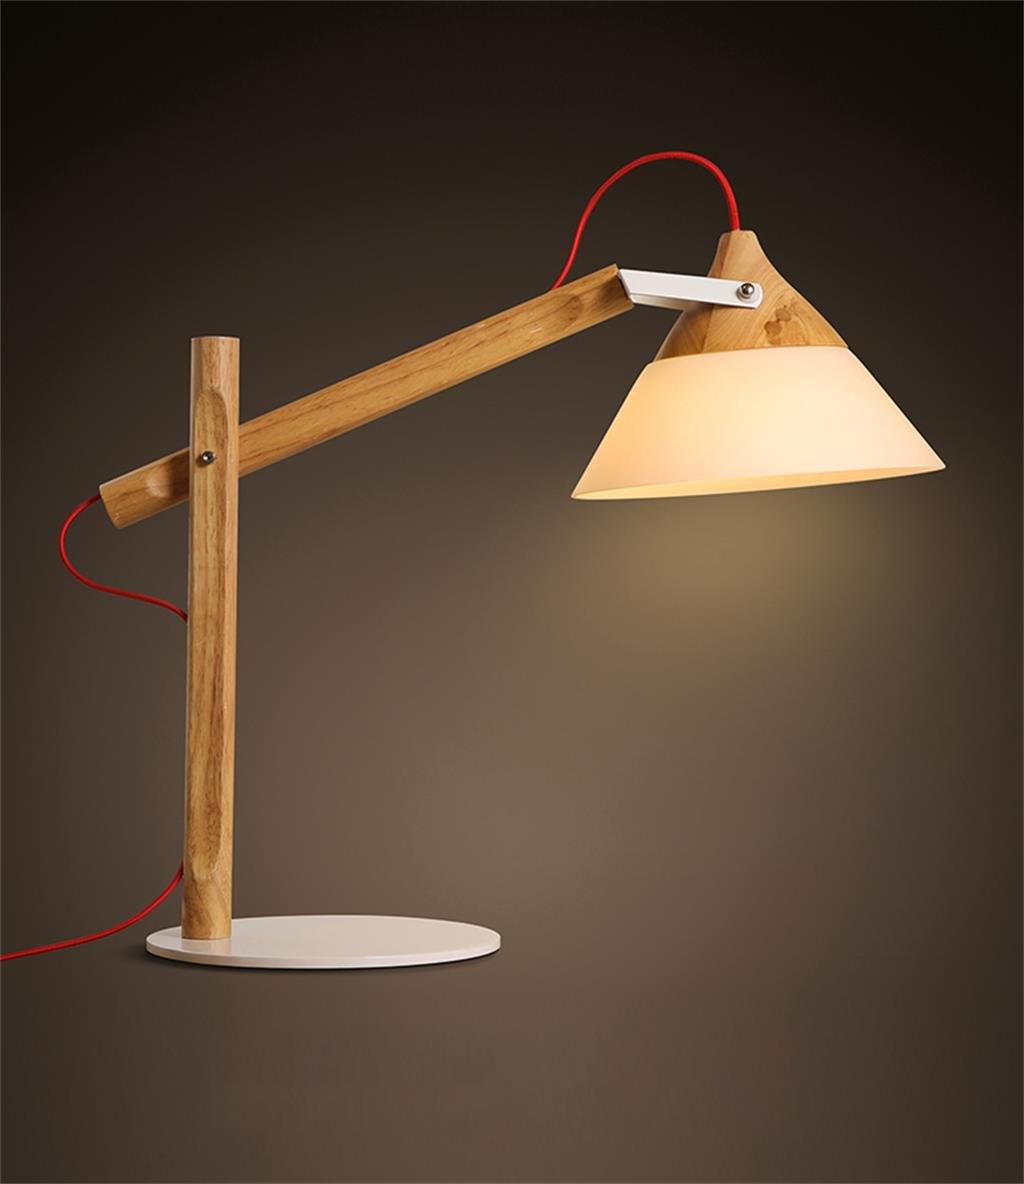 ZHENGAI Moderne Einrichtung den Schreibtischlampe Schlafzimmer Nacht kreative Persönlichkeit Nordic Holz Tischleuchte Nachttischlampen